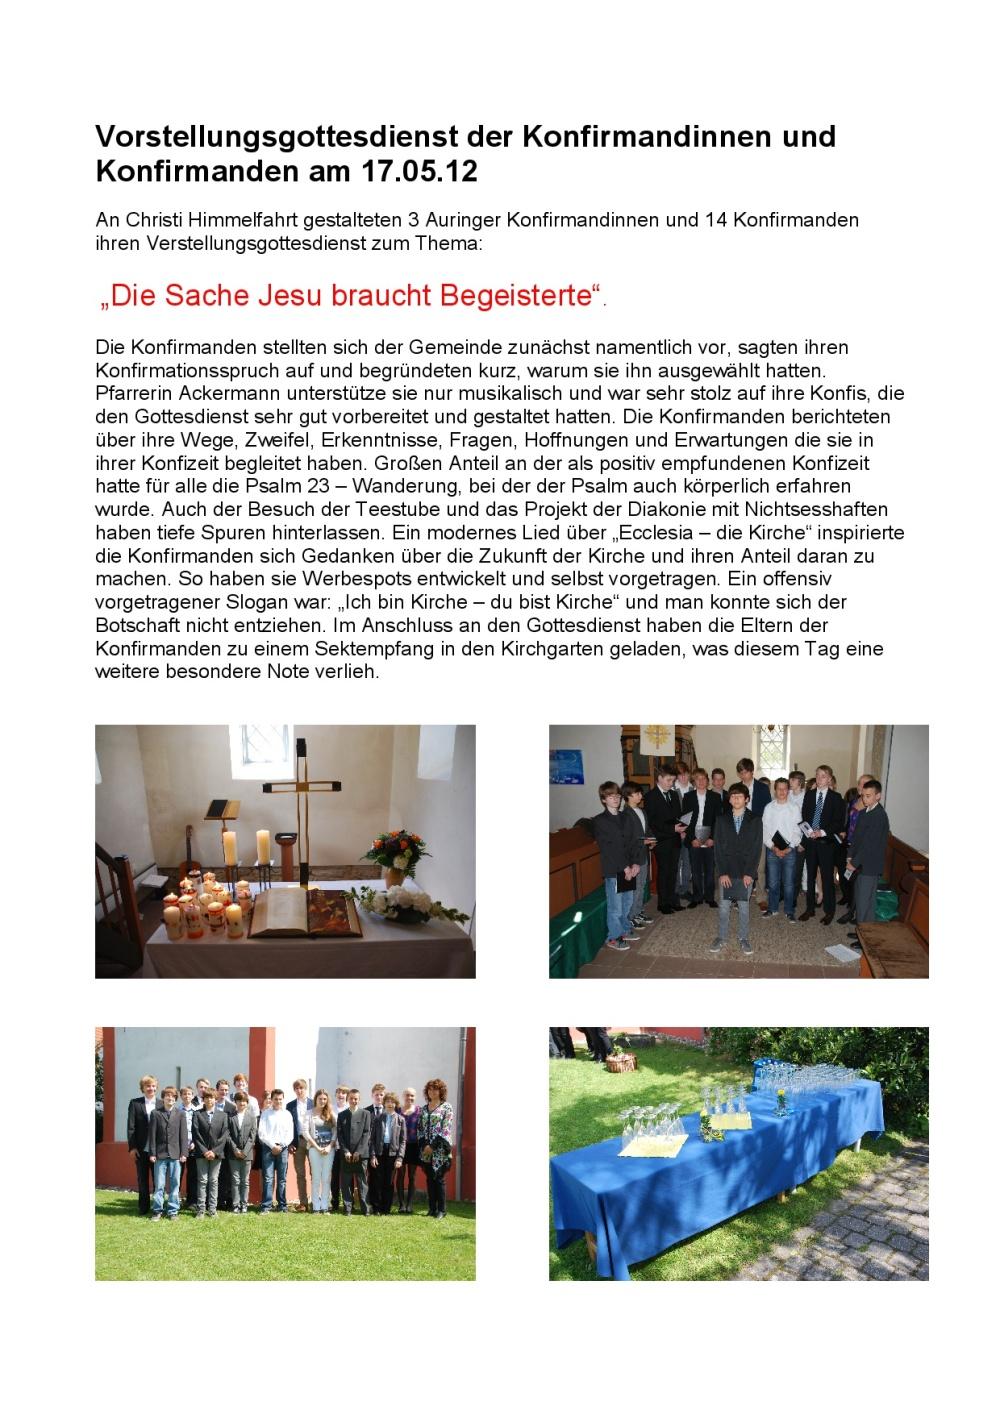 19-Vorstellung -und KonfiGodi17.05. u. 19. u.20.05.2012-001